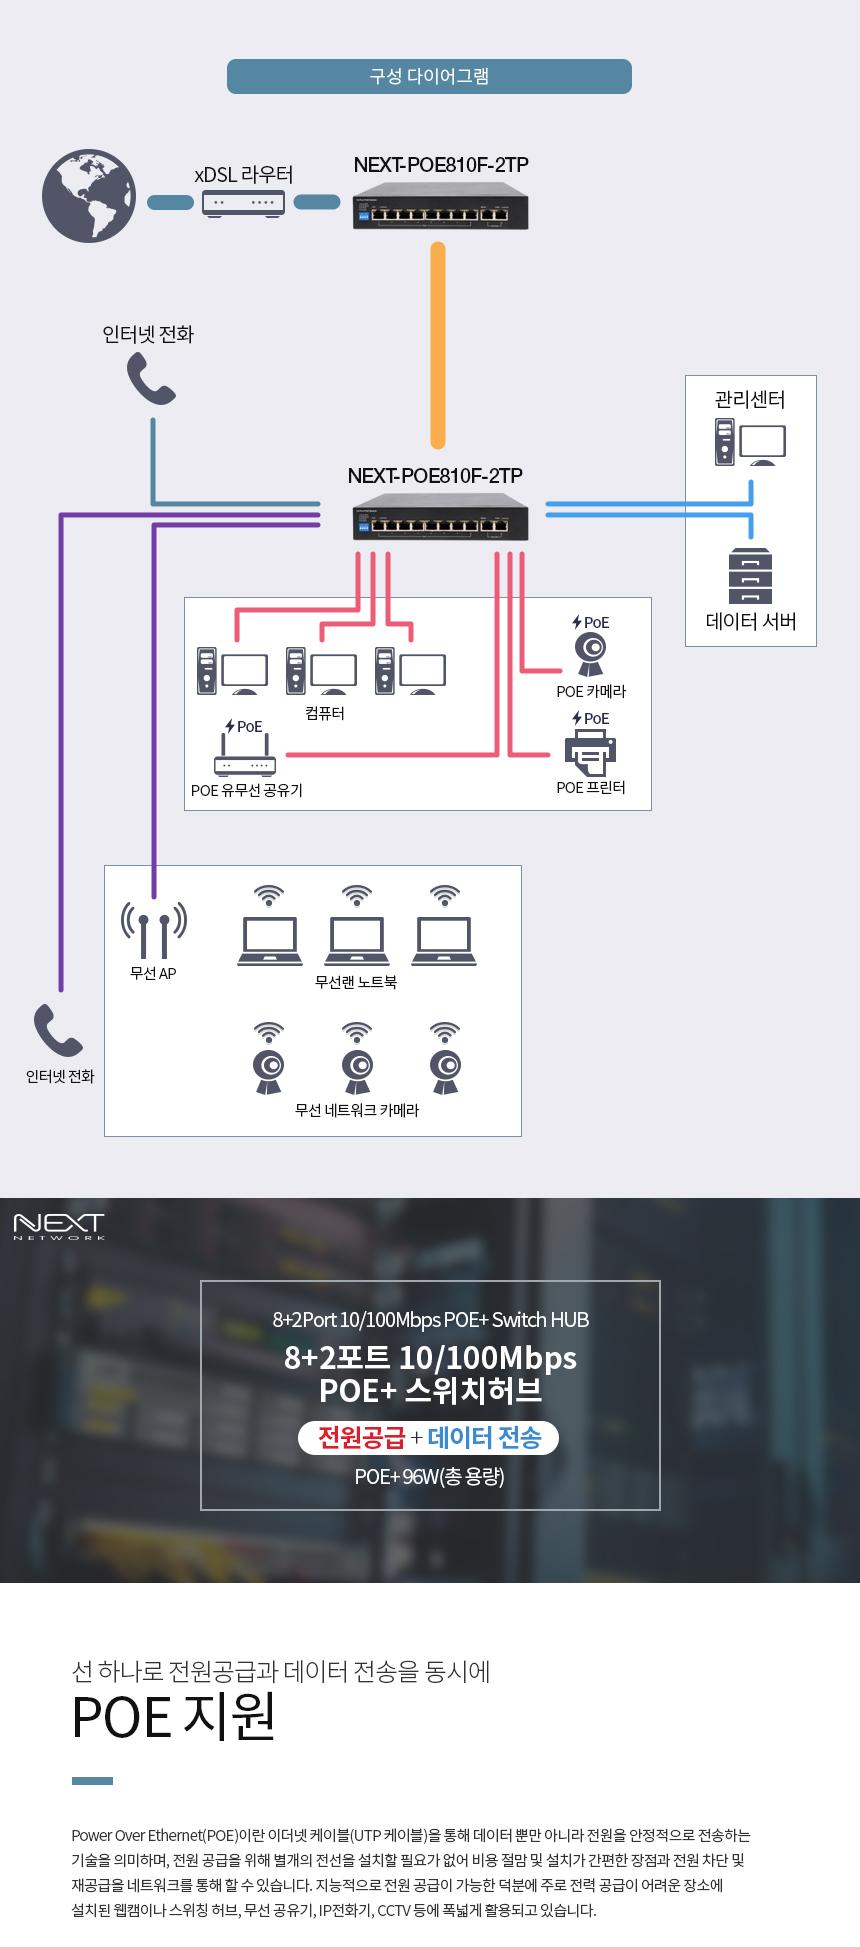 이지넷유비쿼터스 넥스트 NEXT-POE910F-2TP 스위치허브